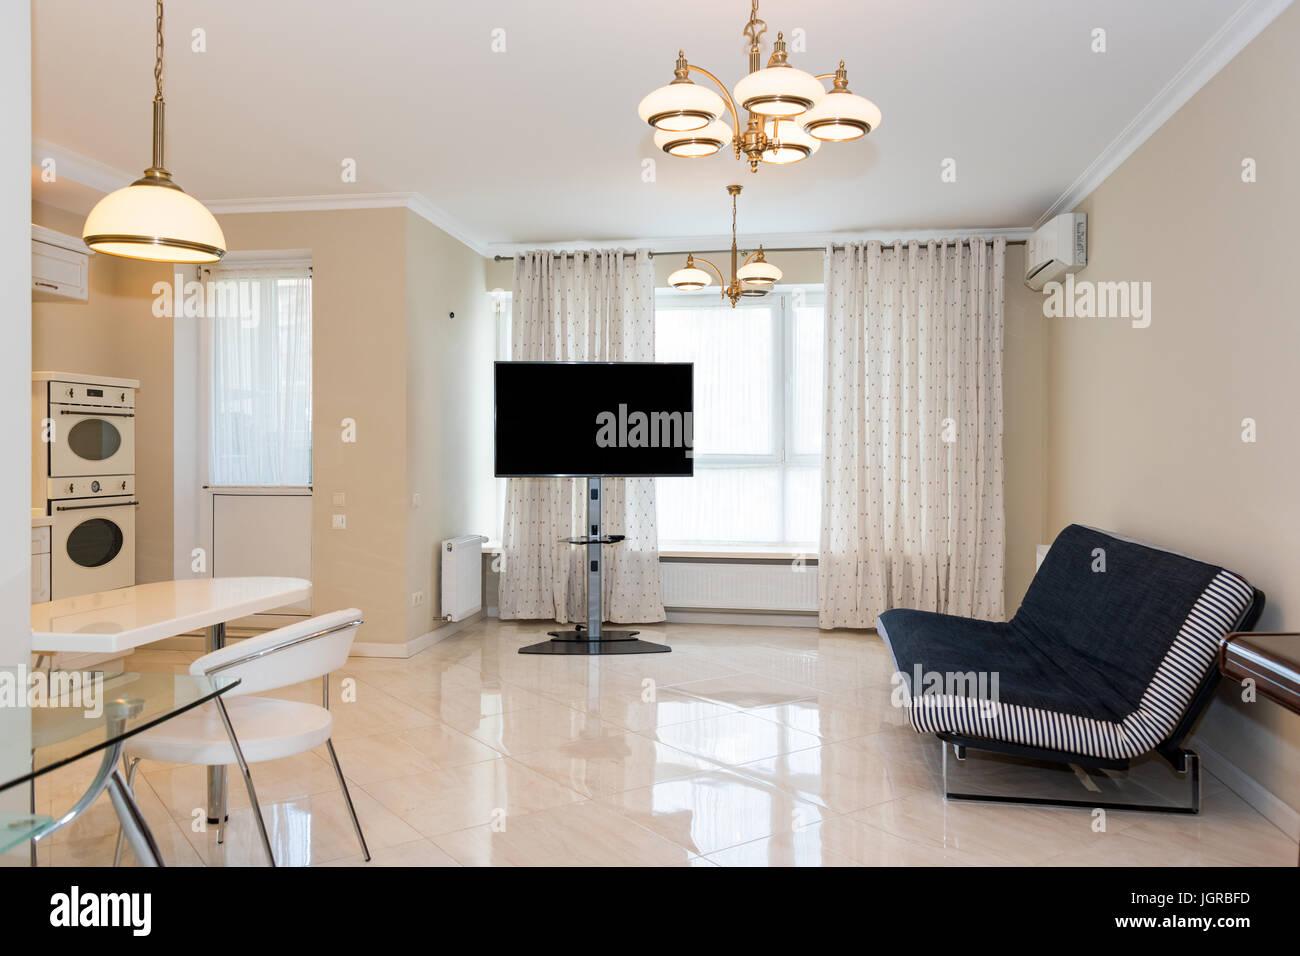 Moderne Küche mit Wohnzimmer verbunden. Interior Design mit ...